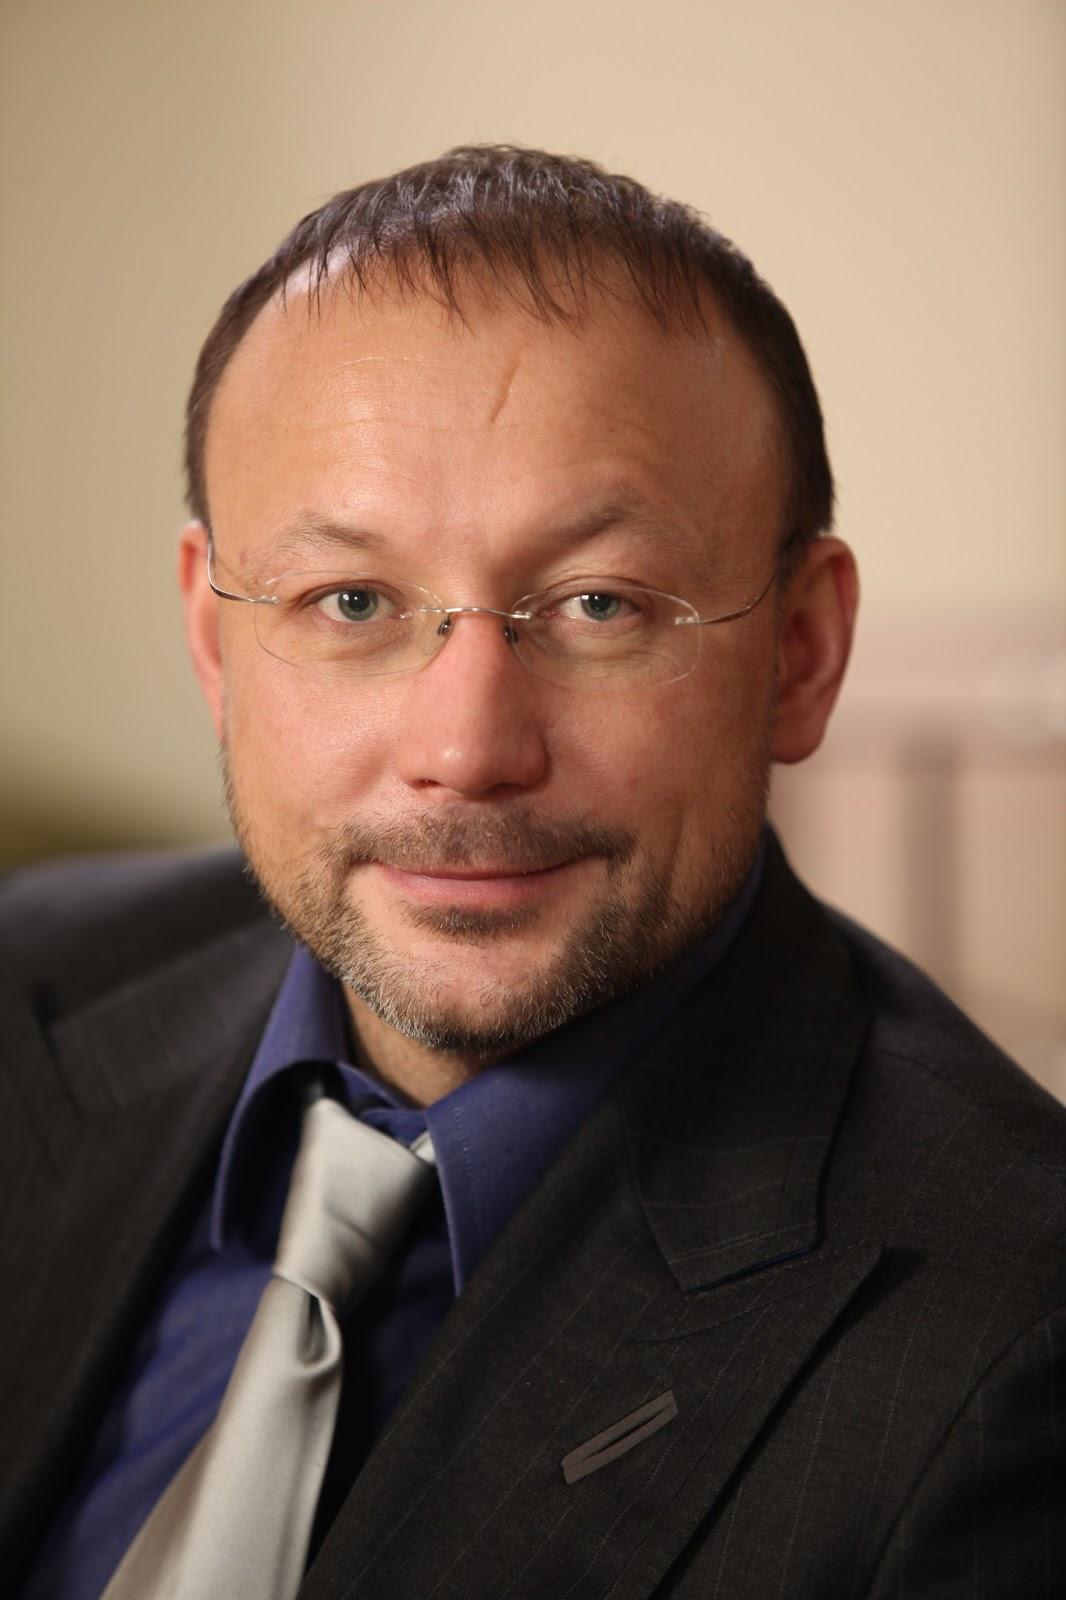 Алтушкин игорь алексеевич фото